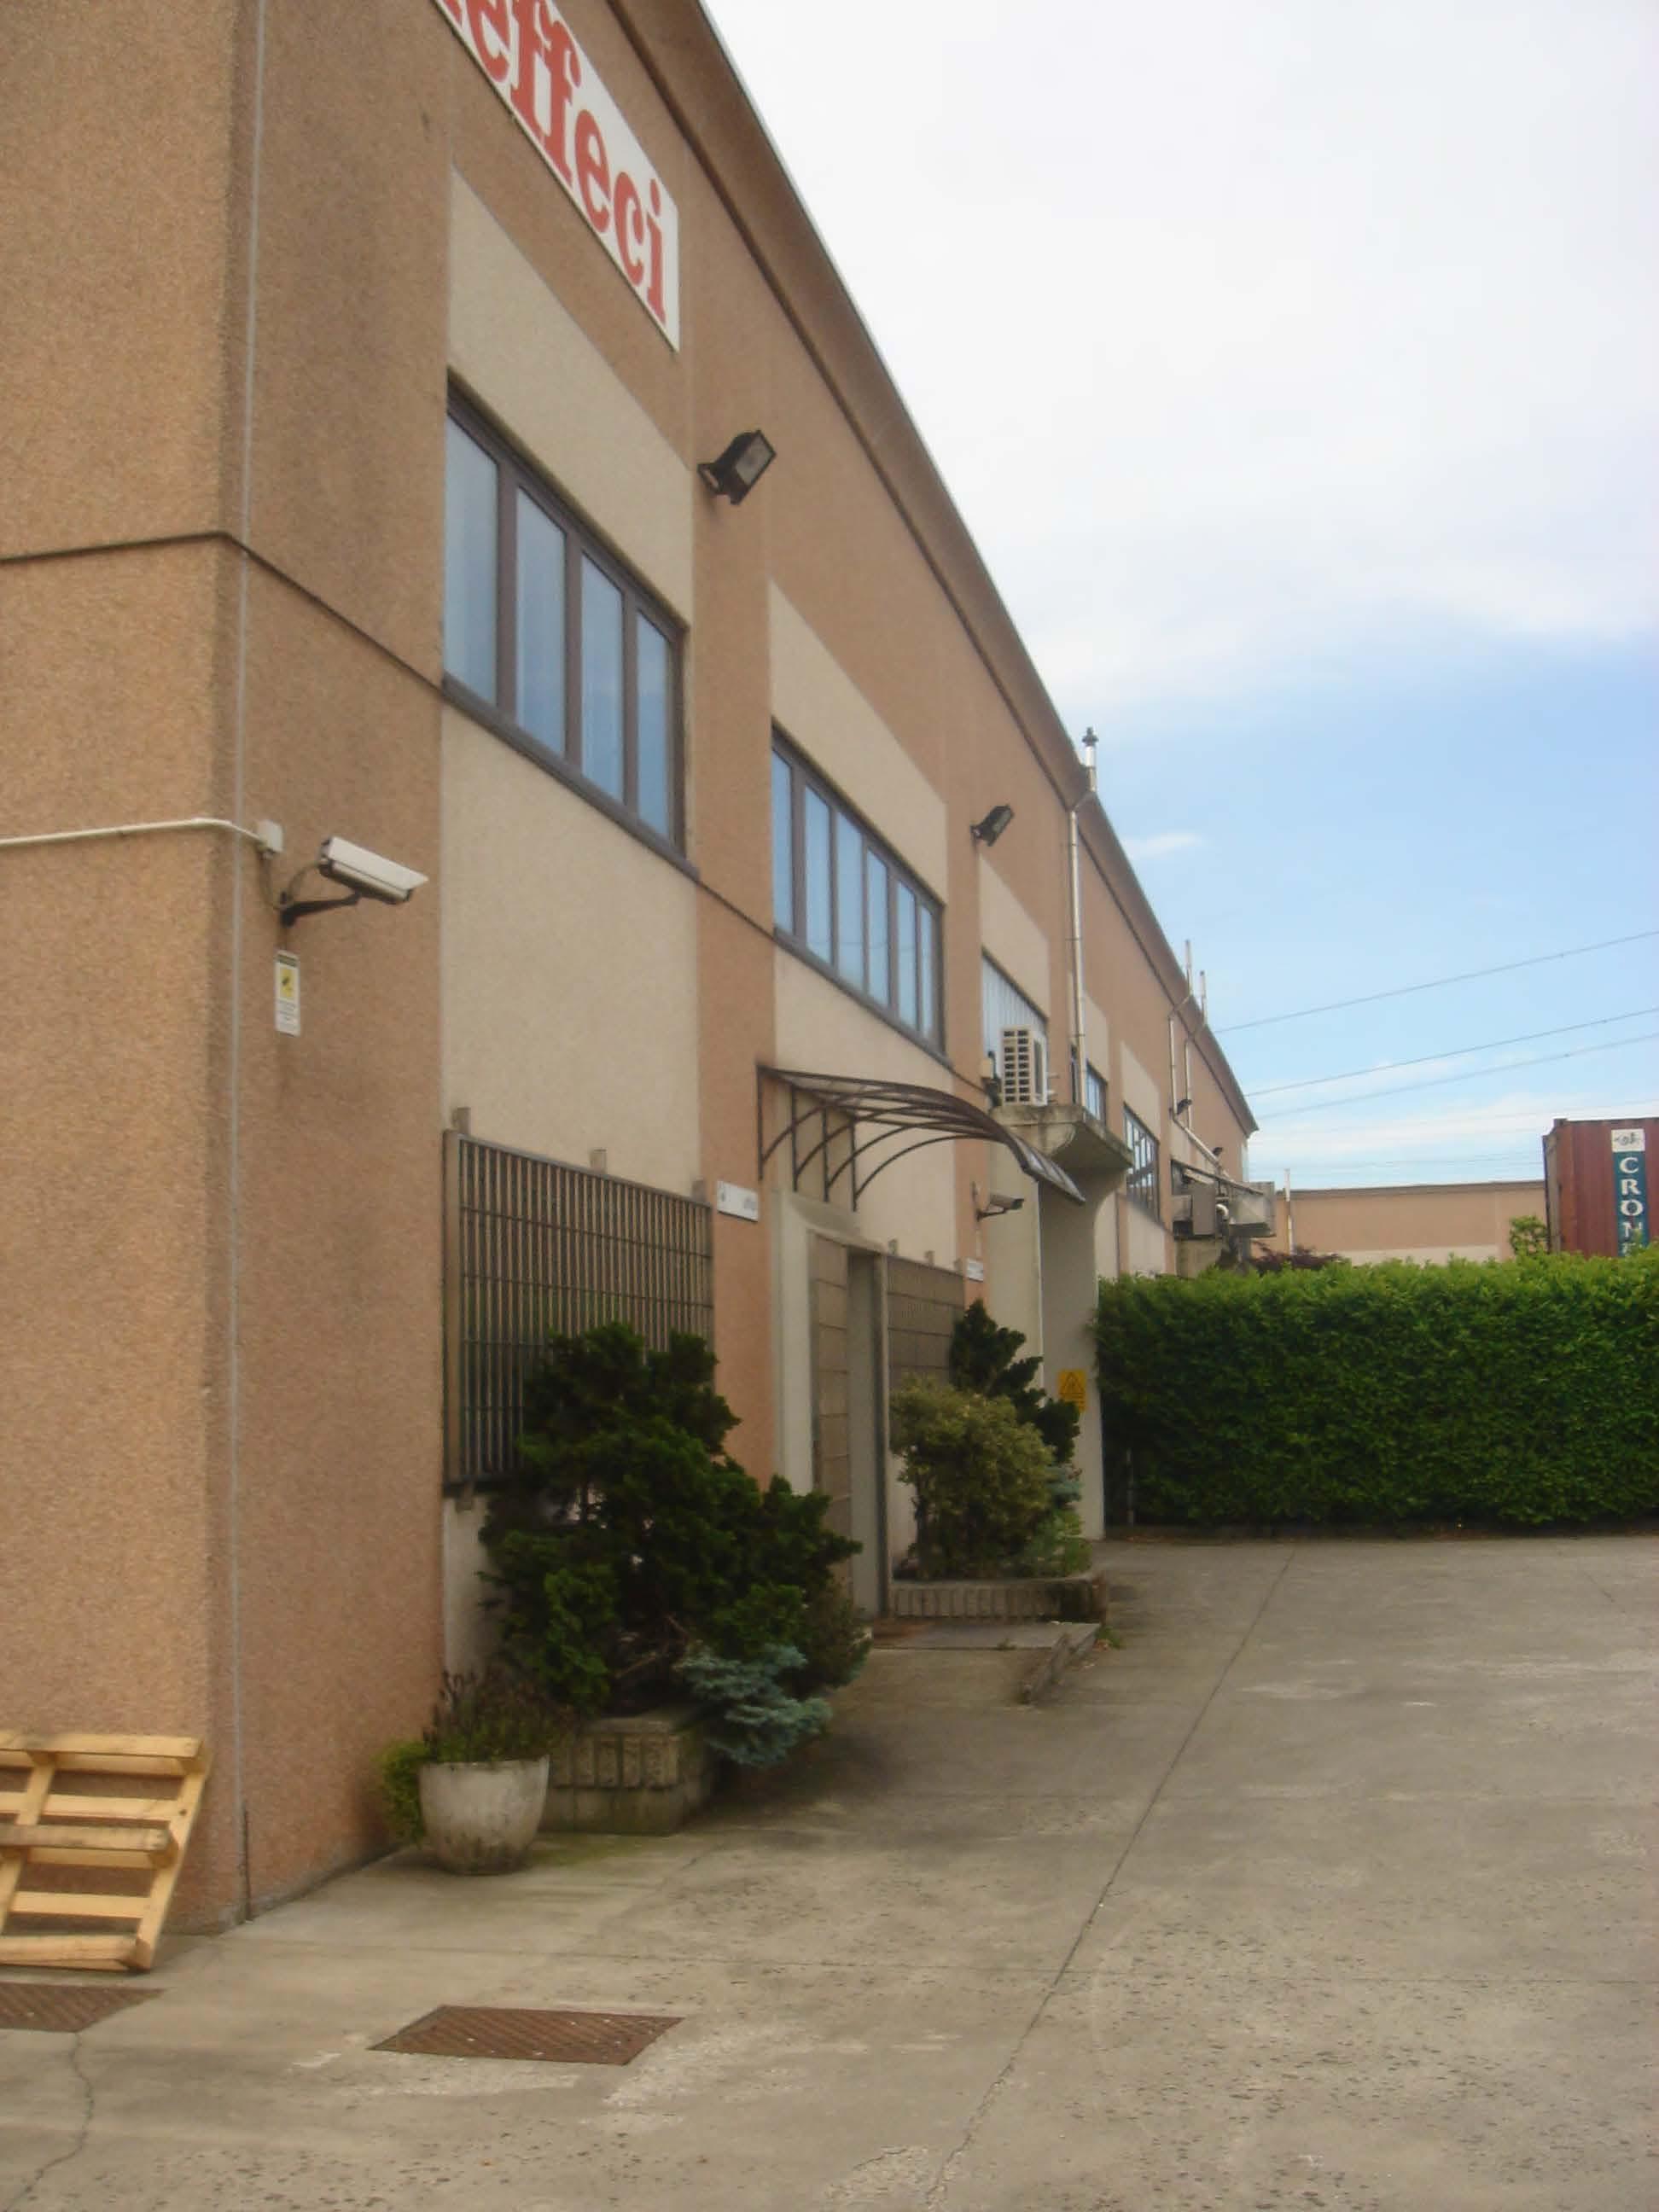 2140 cesano maderno capannone con uffici immobiliare for Immobiliare milano